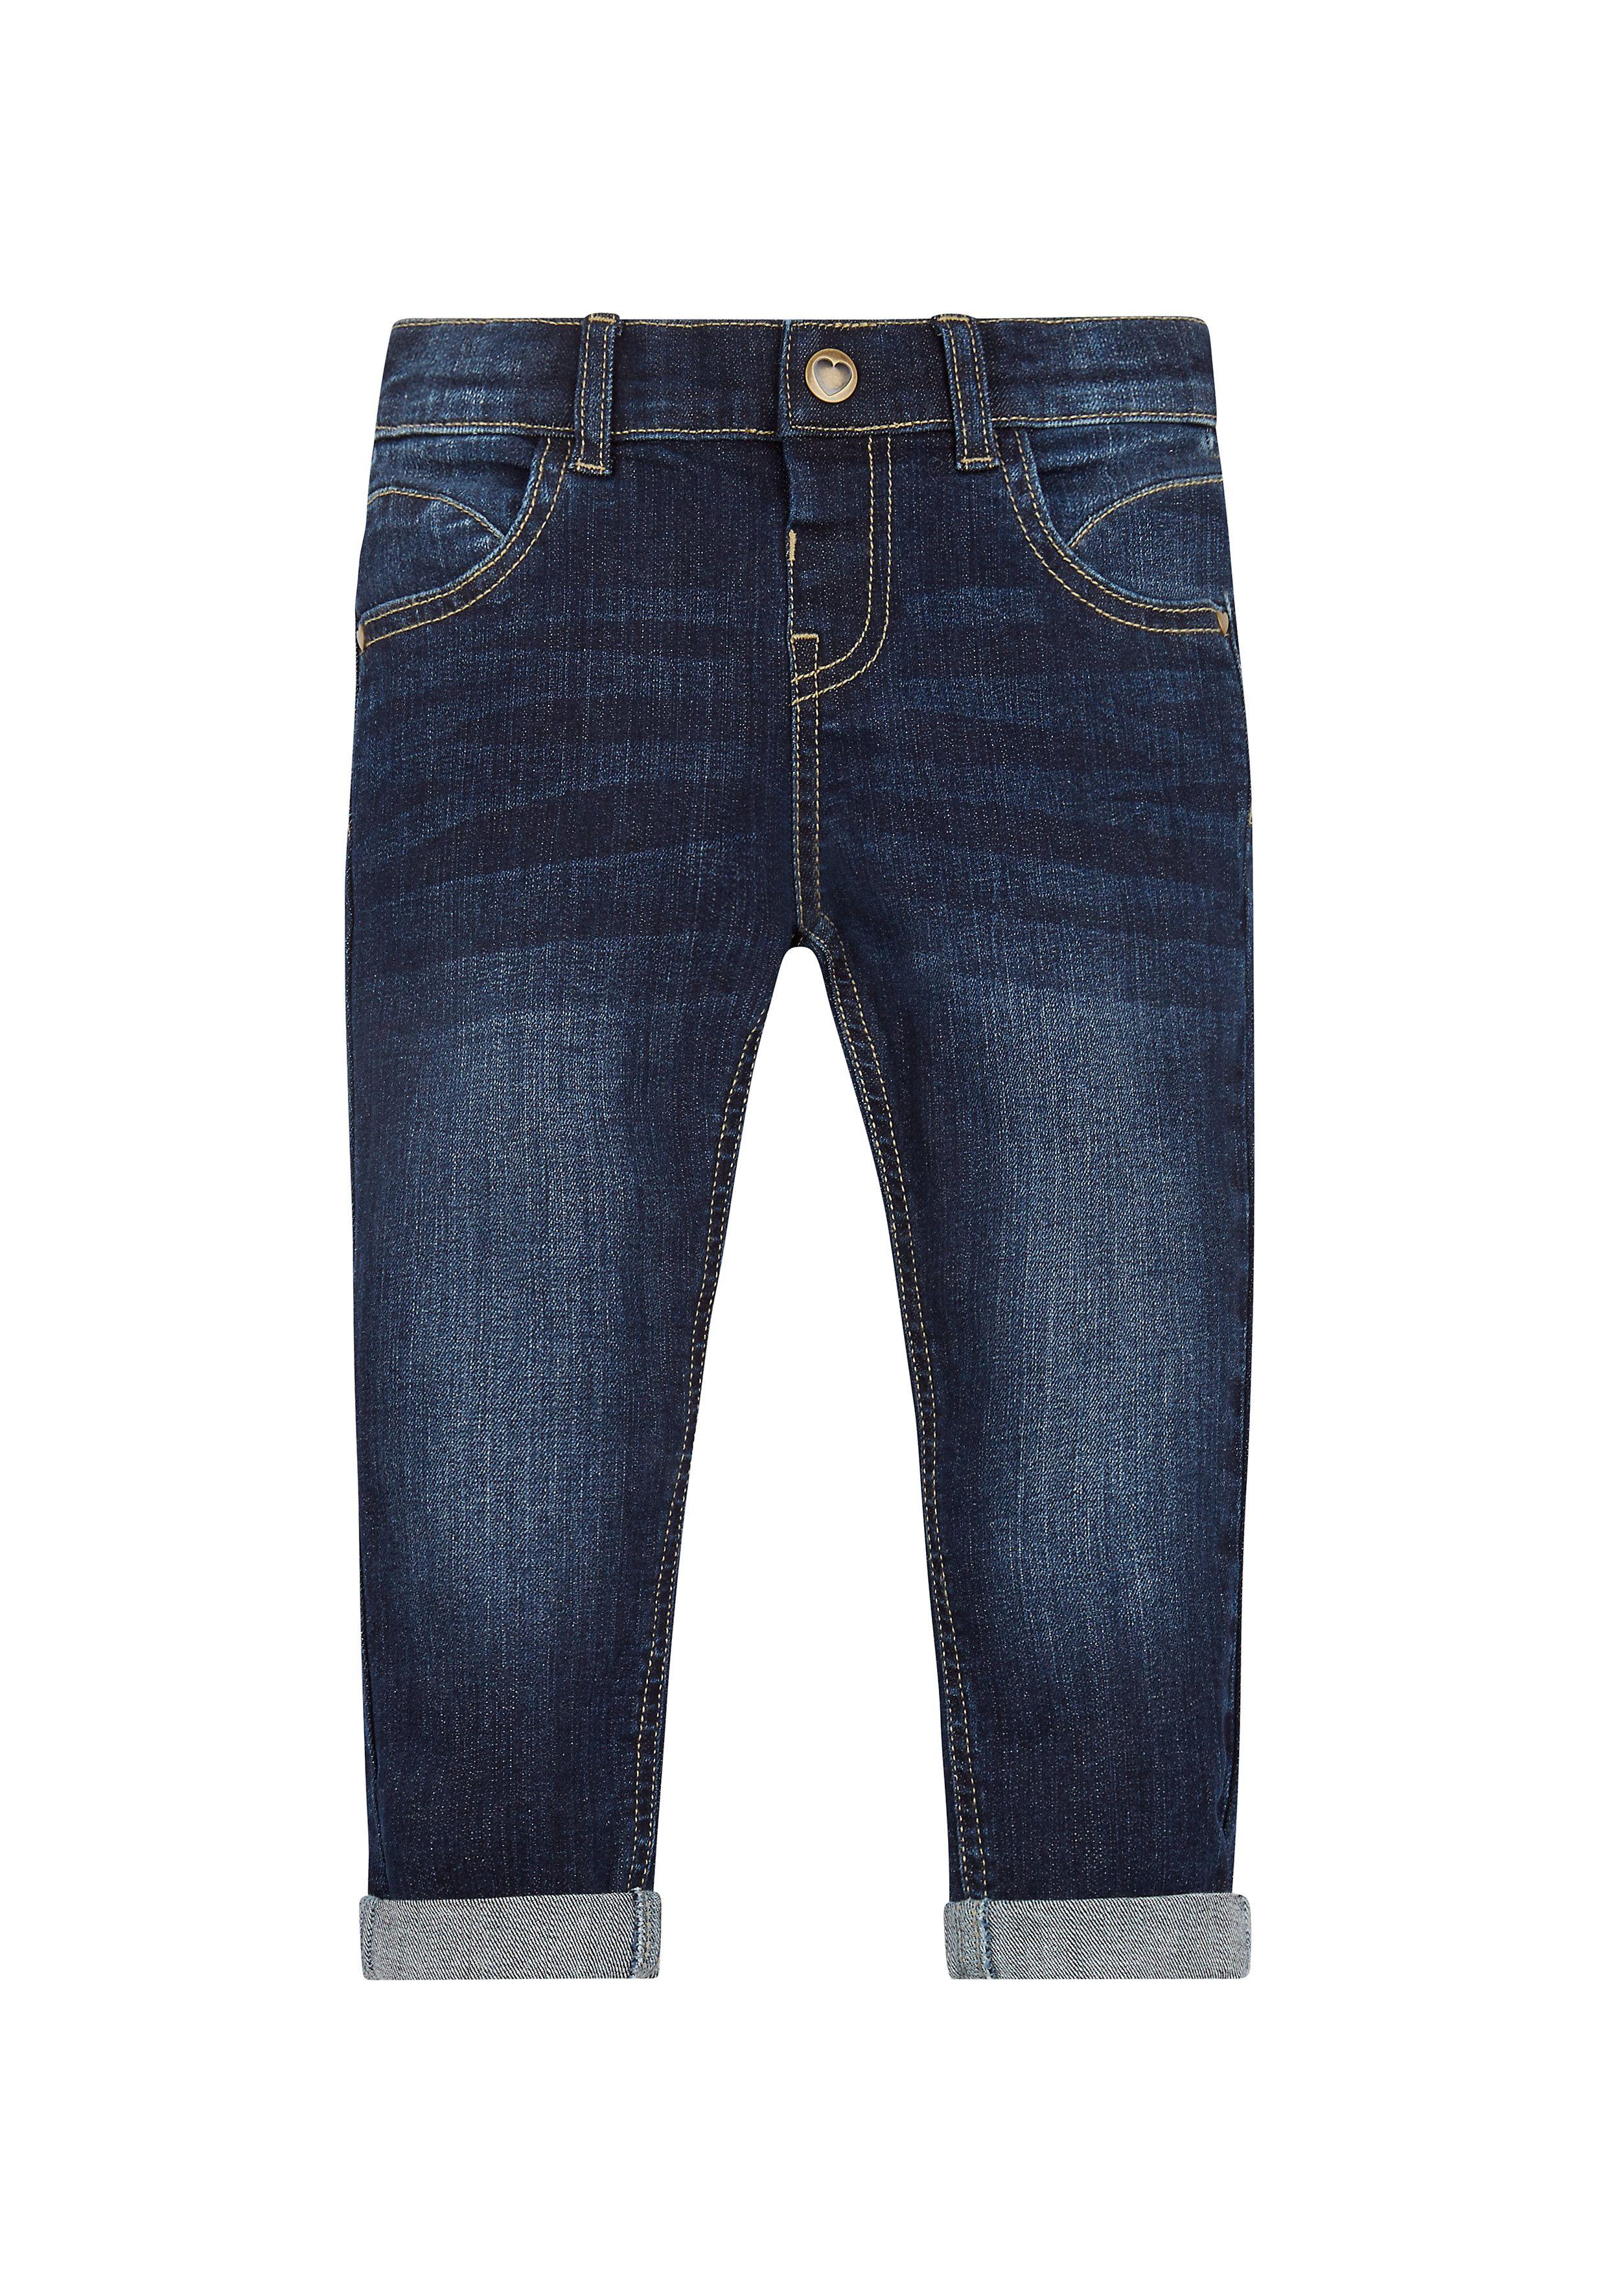 Mothercare | Authentic Wash Boyfriend Jeans